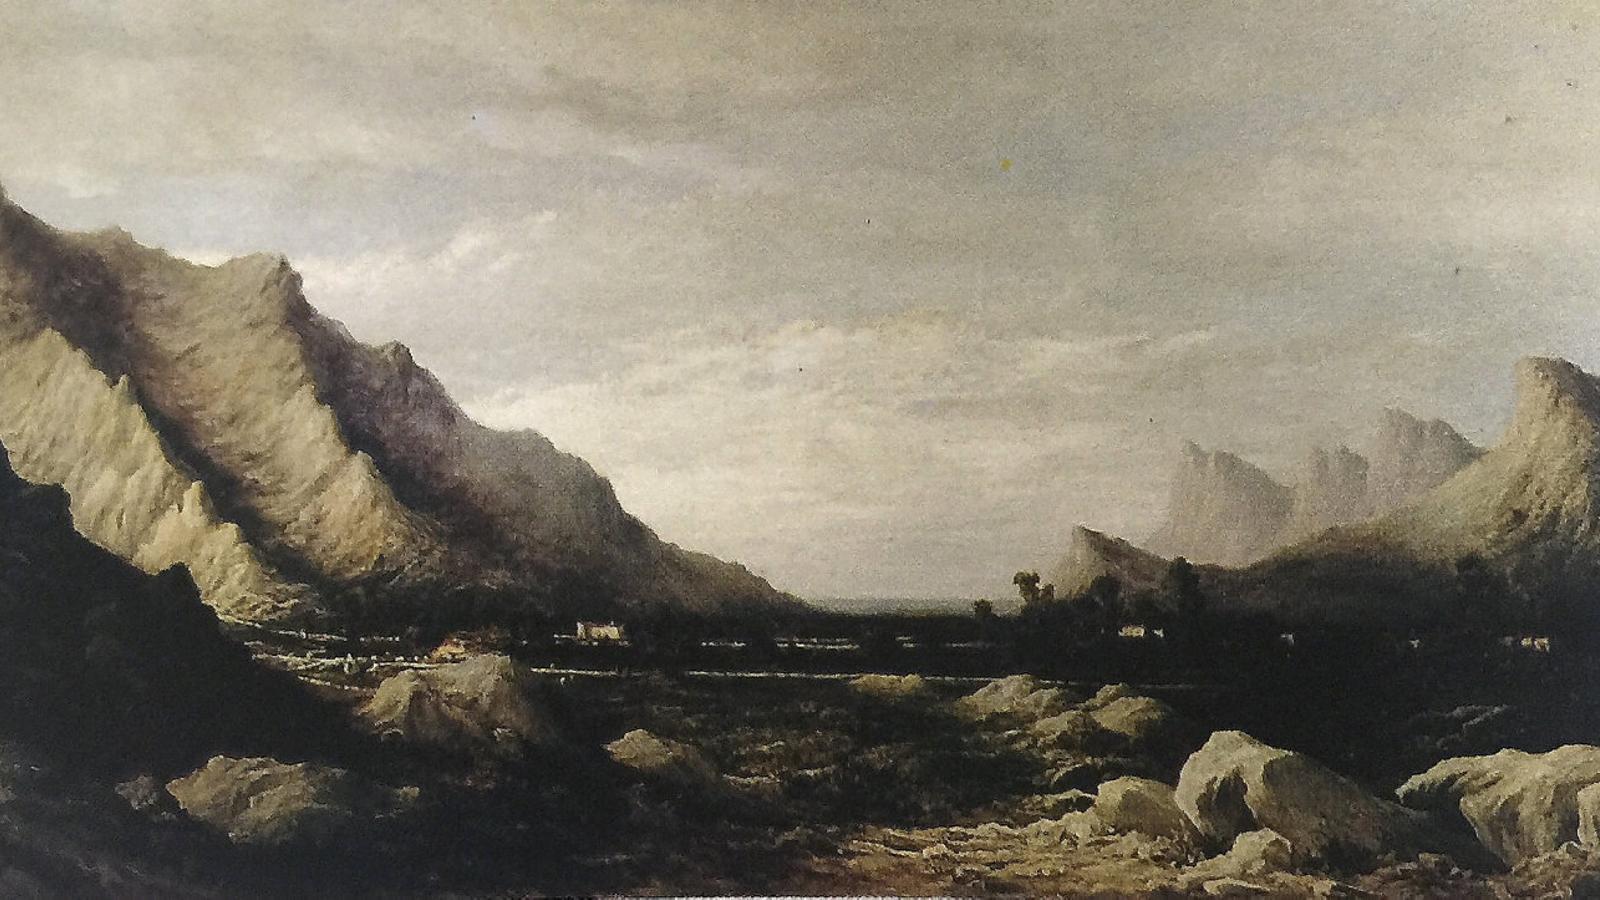 EN DUES FASES   Patrimoni del Consell ha dividit el fons d'art de Sa Nostra en dues parts. Les pintures de Joan O'Neille (01), Sebastià Junyer (02) i Pilar Montaner (03) estan entre les datades abans de 1950. Les de García Sevilla (04), Plensa (05), Esteban Vicente (06) i Campano (07) són de la segona meitat del segle XX, que encara es troba en estudi.